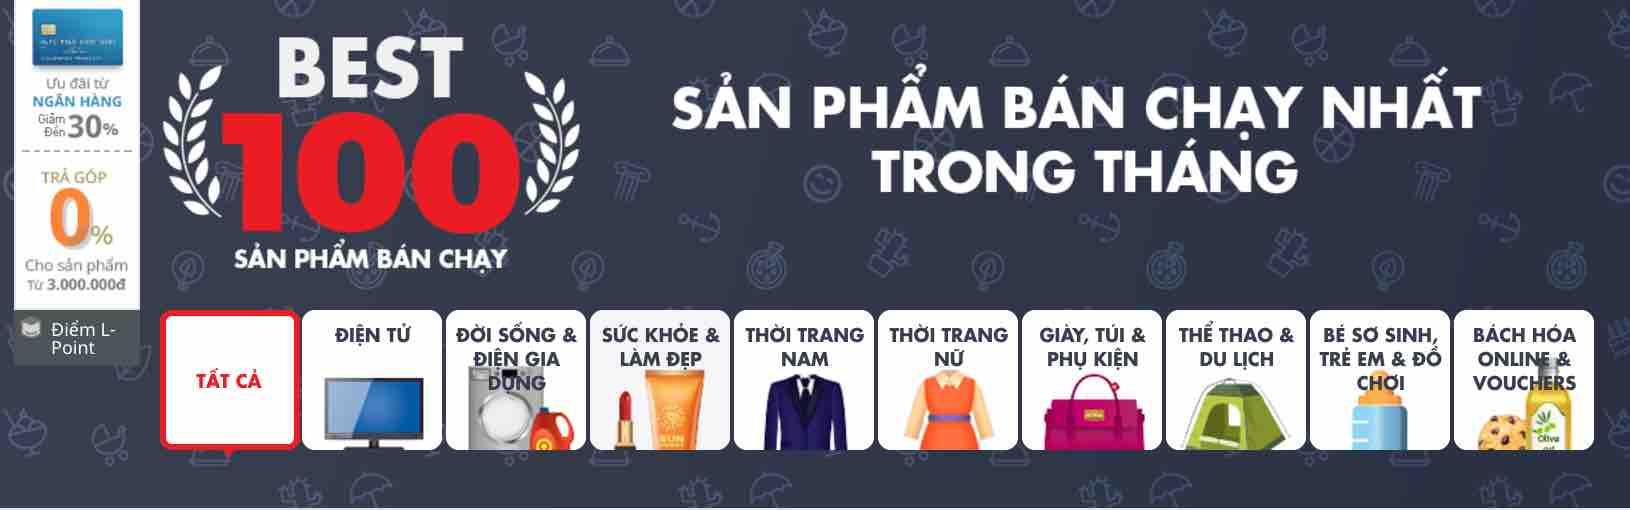 100 san pham ban chay lotte